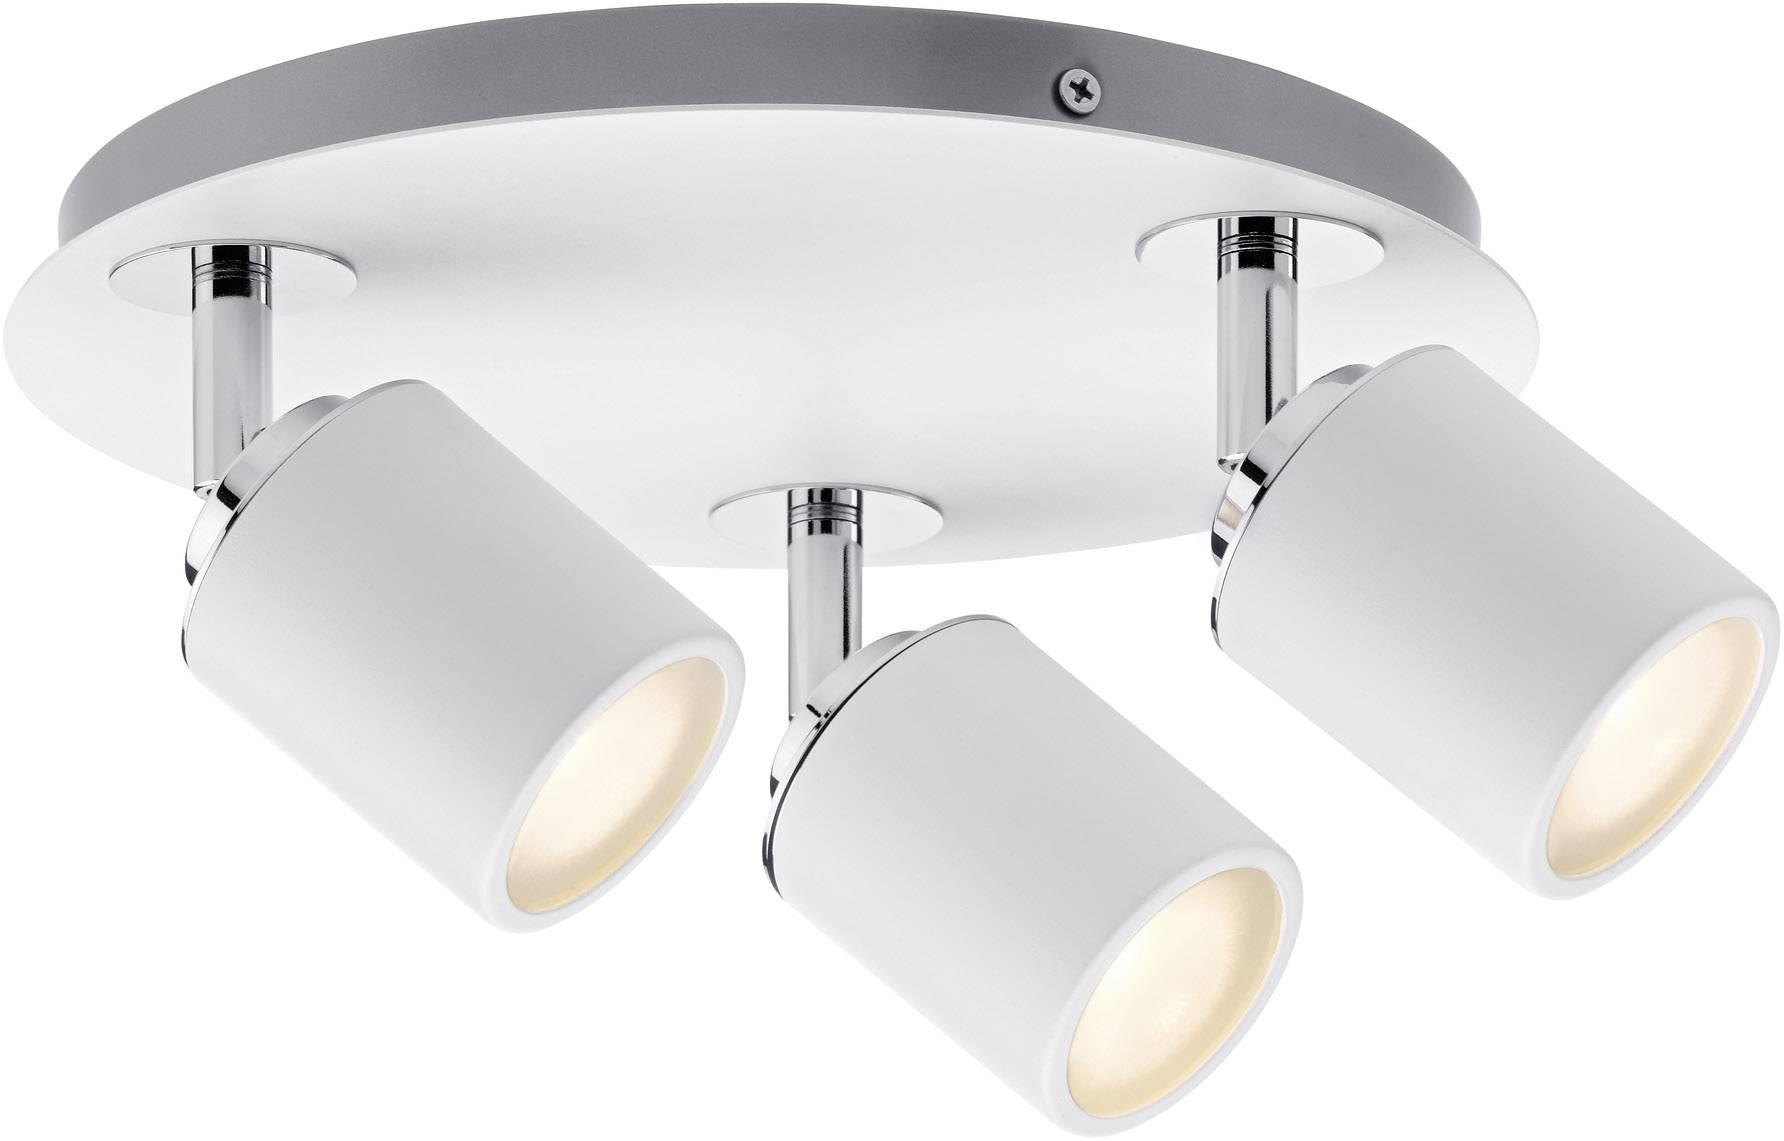 Lampa Sufitowa Do łazienki Paulmann Tube 66719 Gu10 Biały